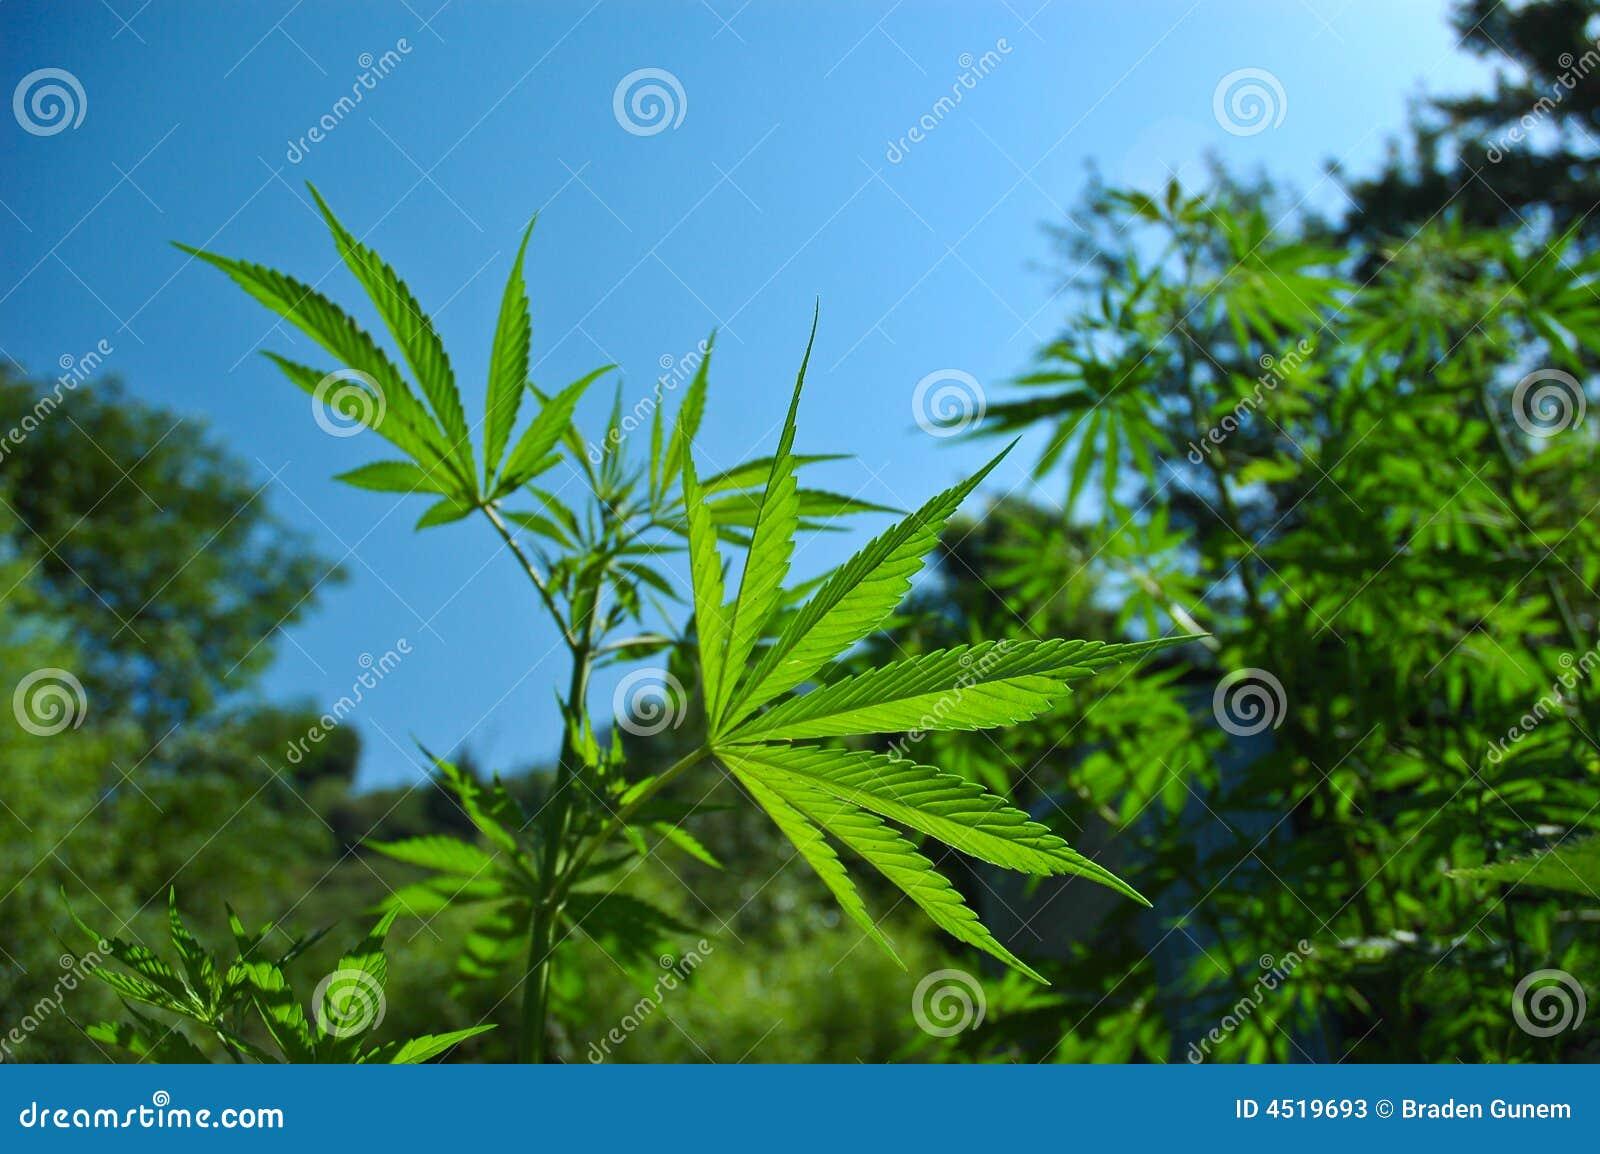 Usine de cannabis